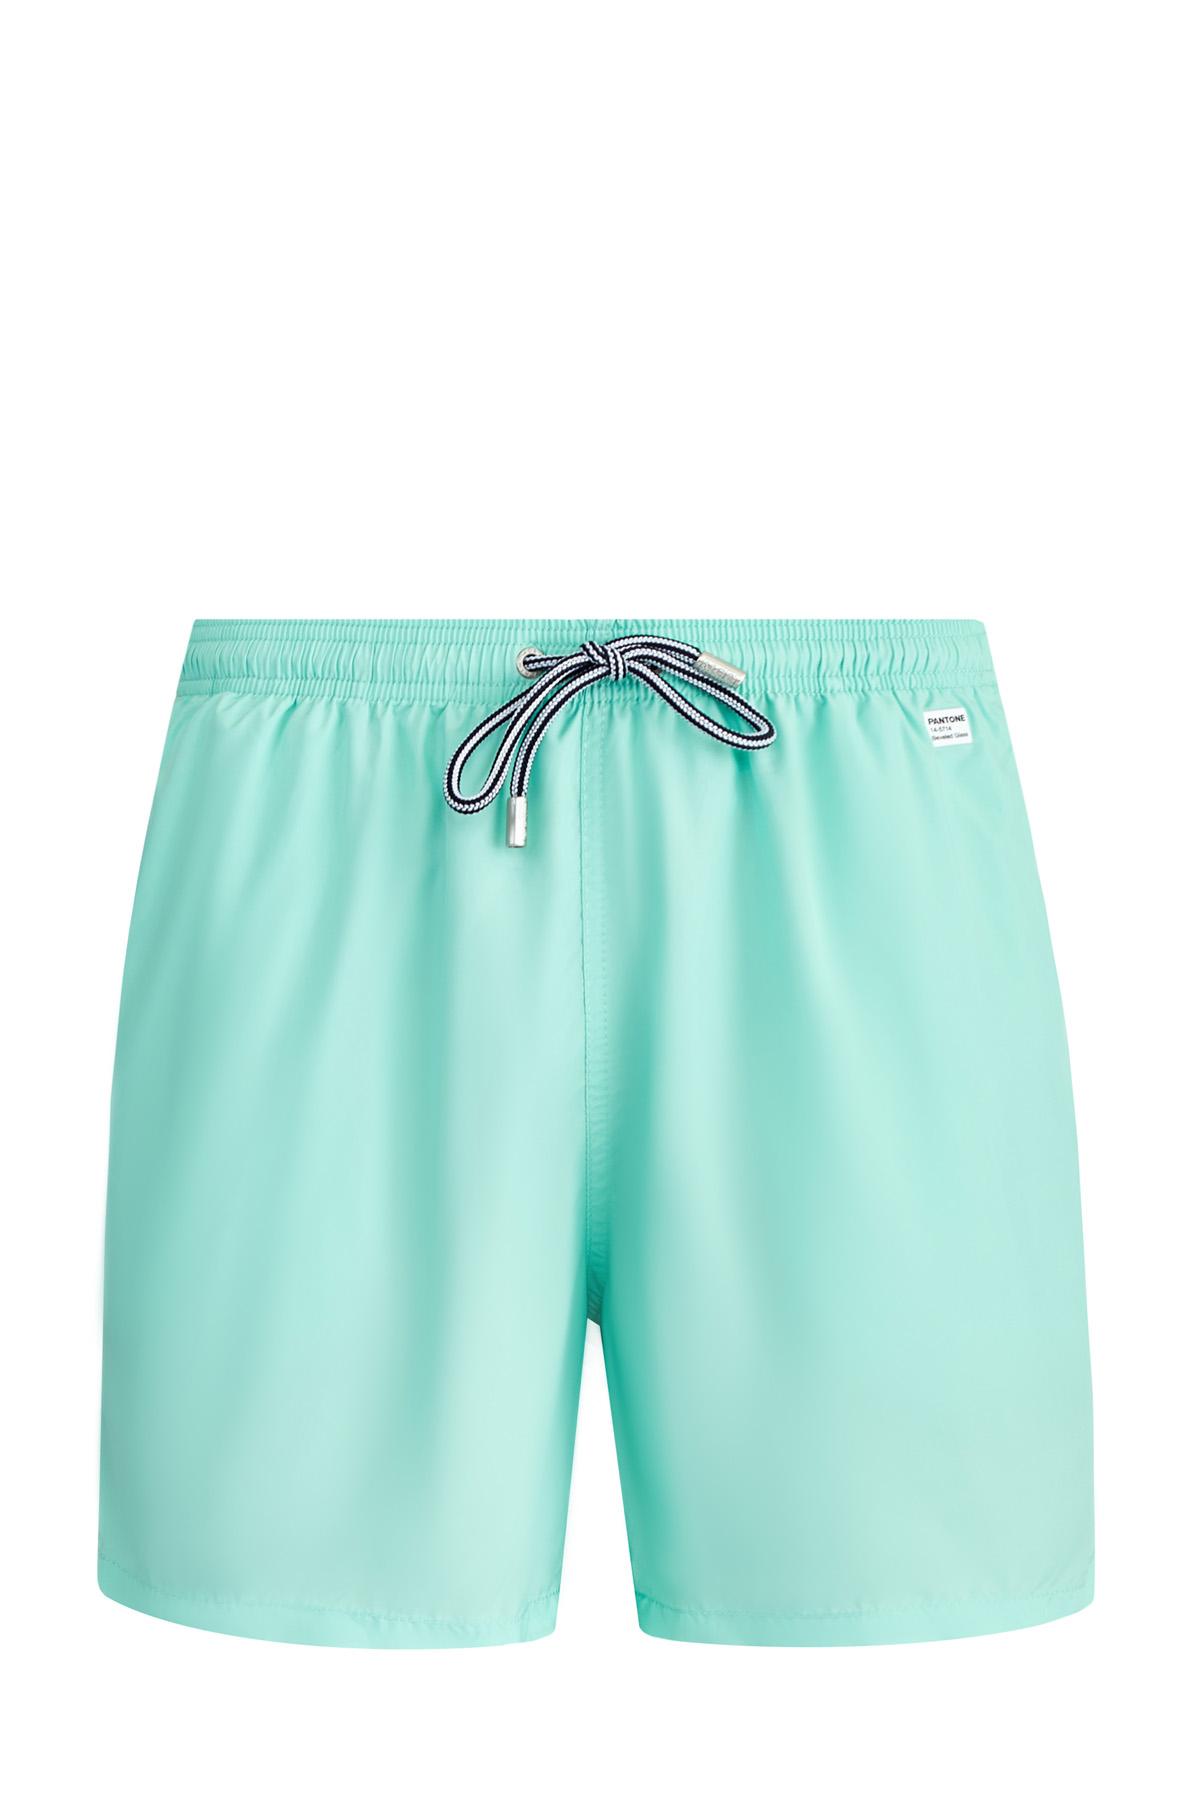 Купить Плавательные шорты в оттенке Pantone «Beveled Glass», MC2 SAINT BARTH, Италия, полиэстер 100%